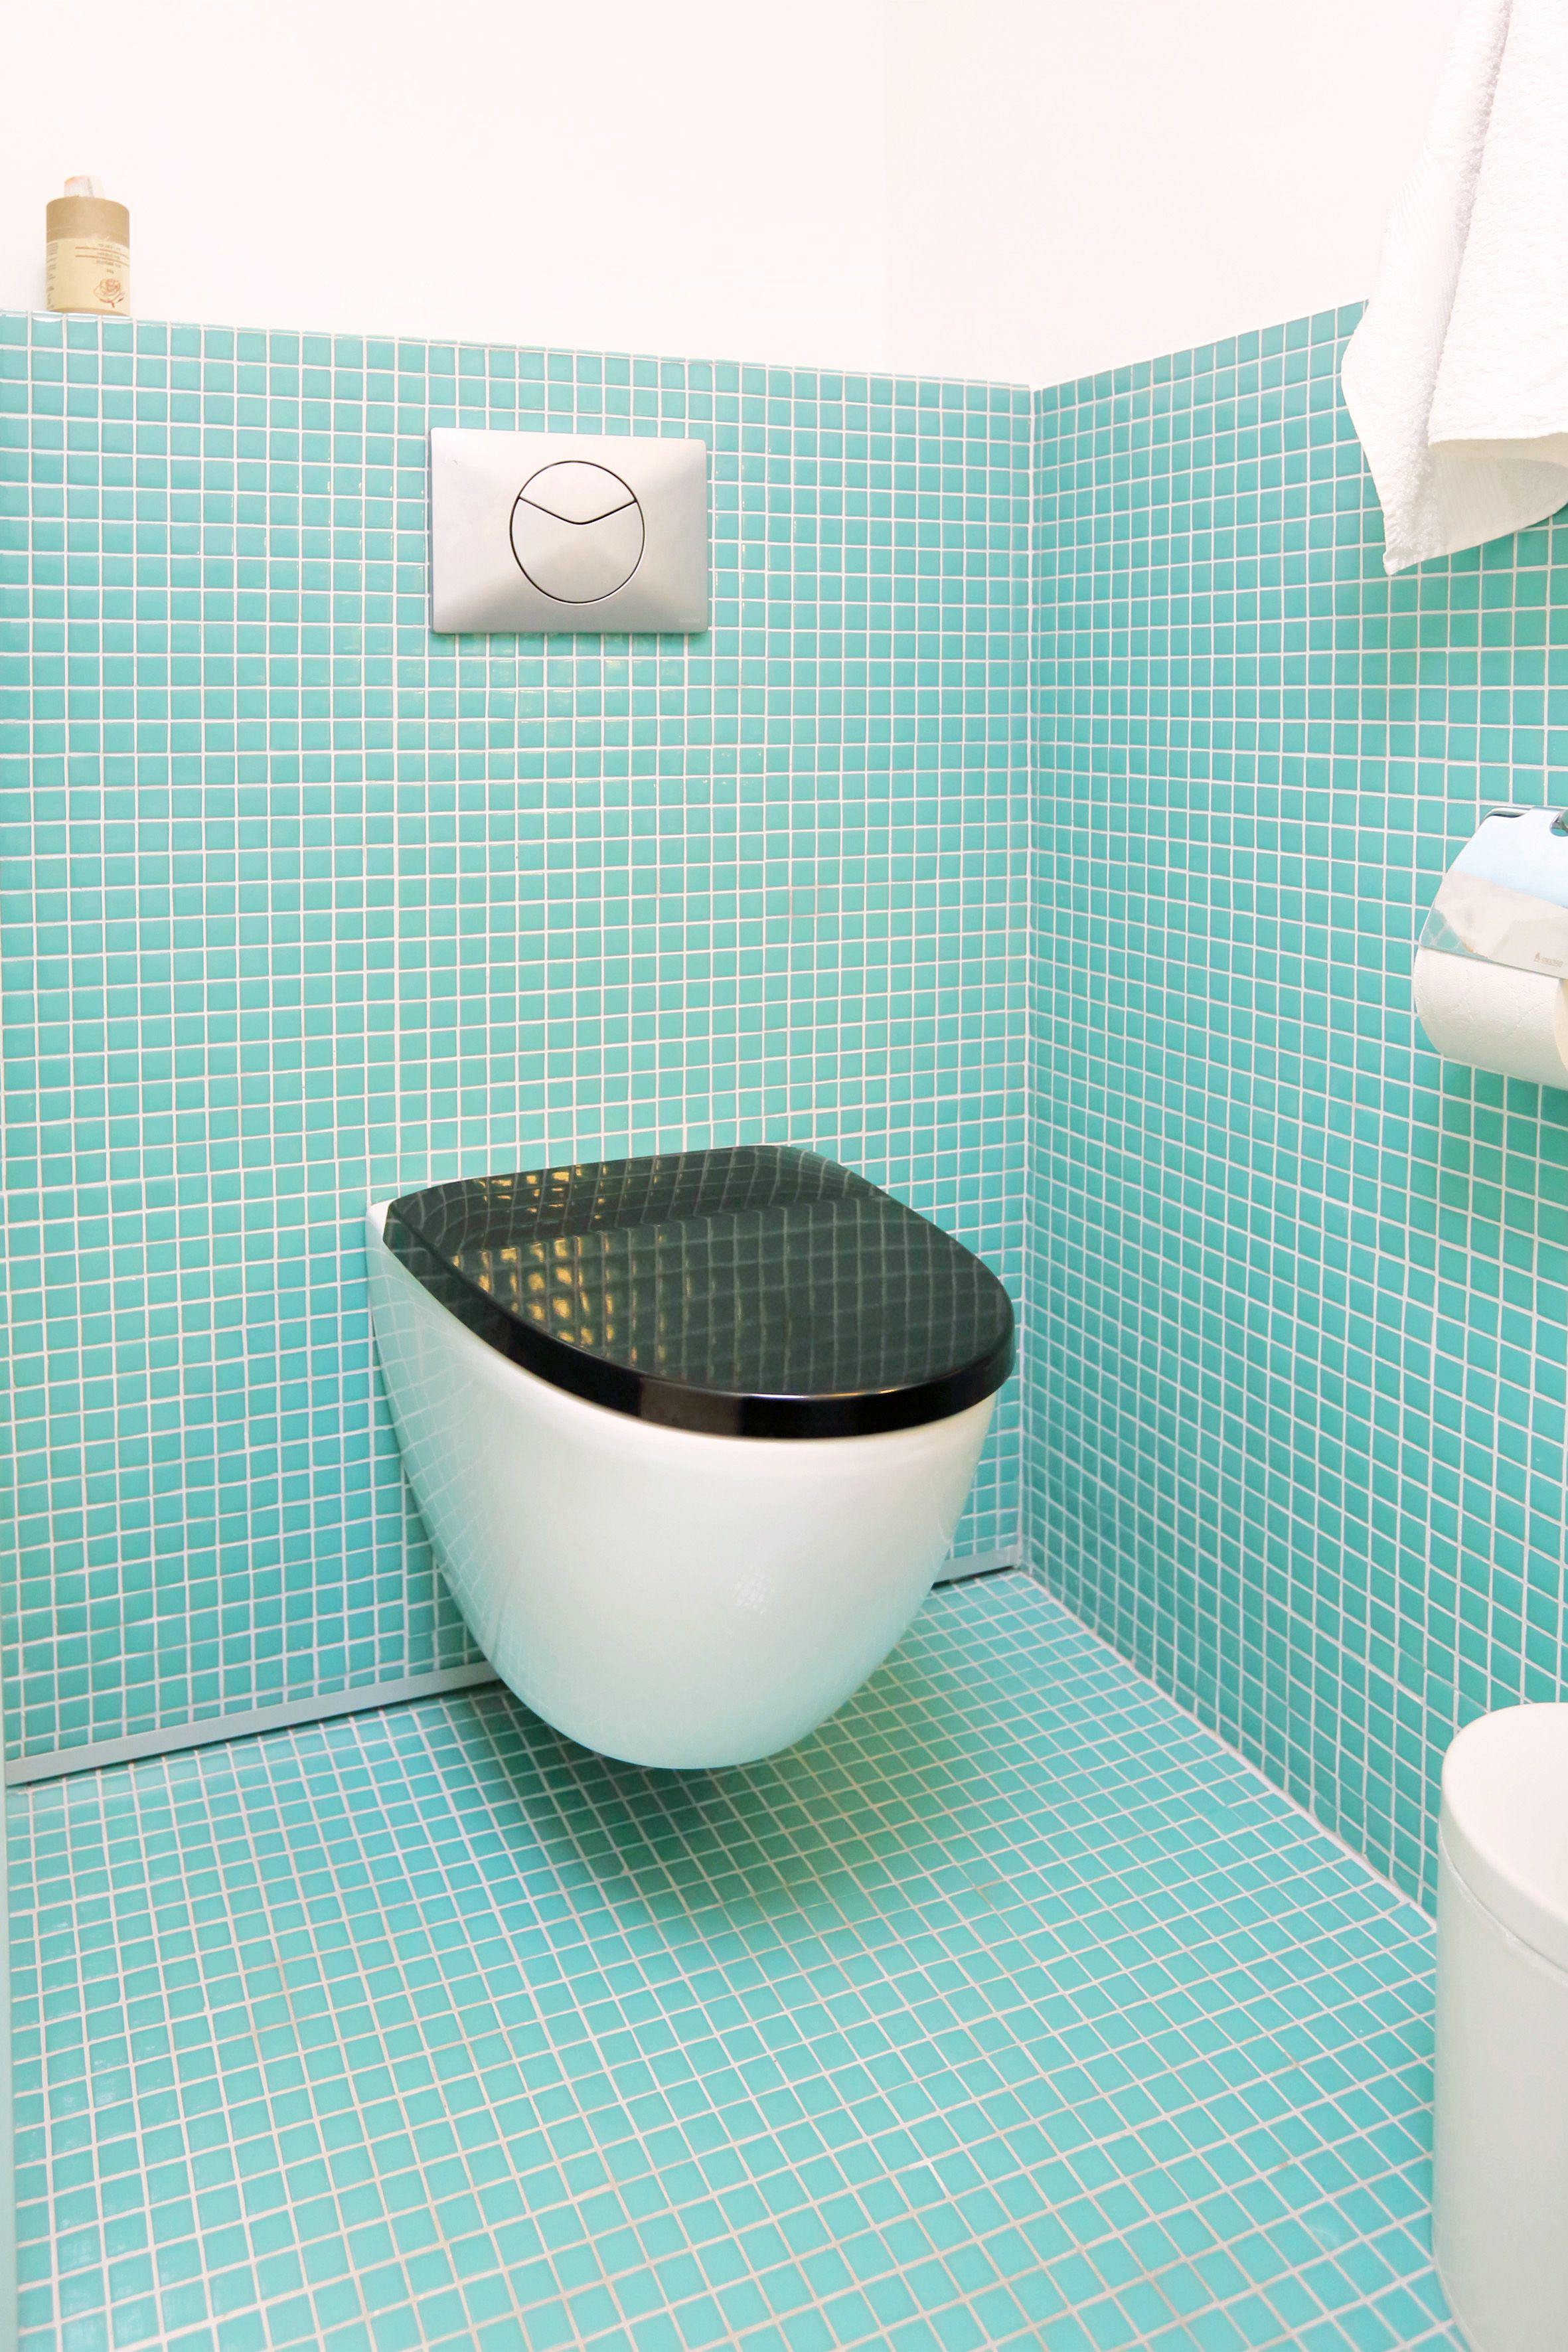 Turkoosi ja valkoinen raikastamassa kylpyhuonetta, ABL-Laatat #abl #laatat #abllaatat #vessa #kylpyhuone #turkoosi #valkoinen #mosaiikki